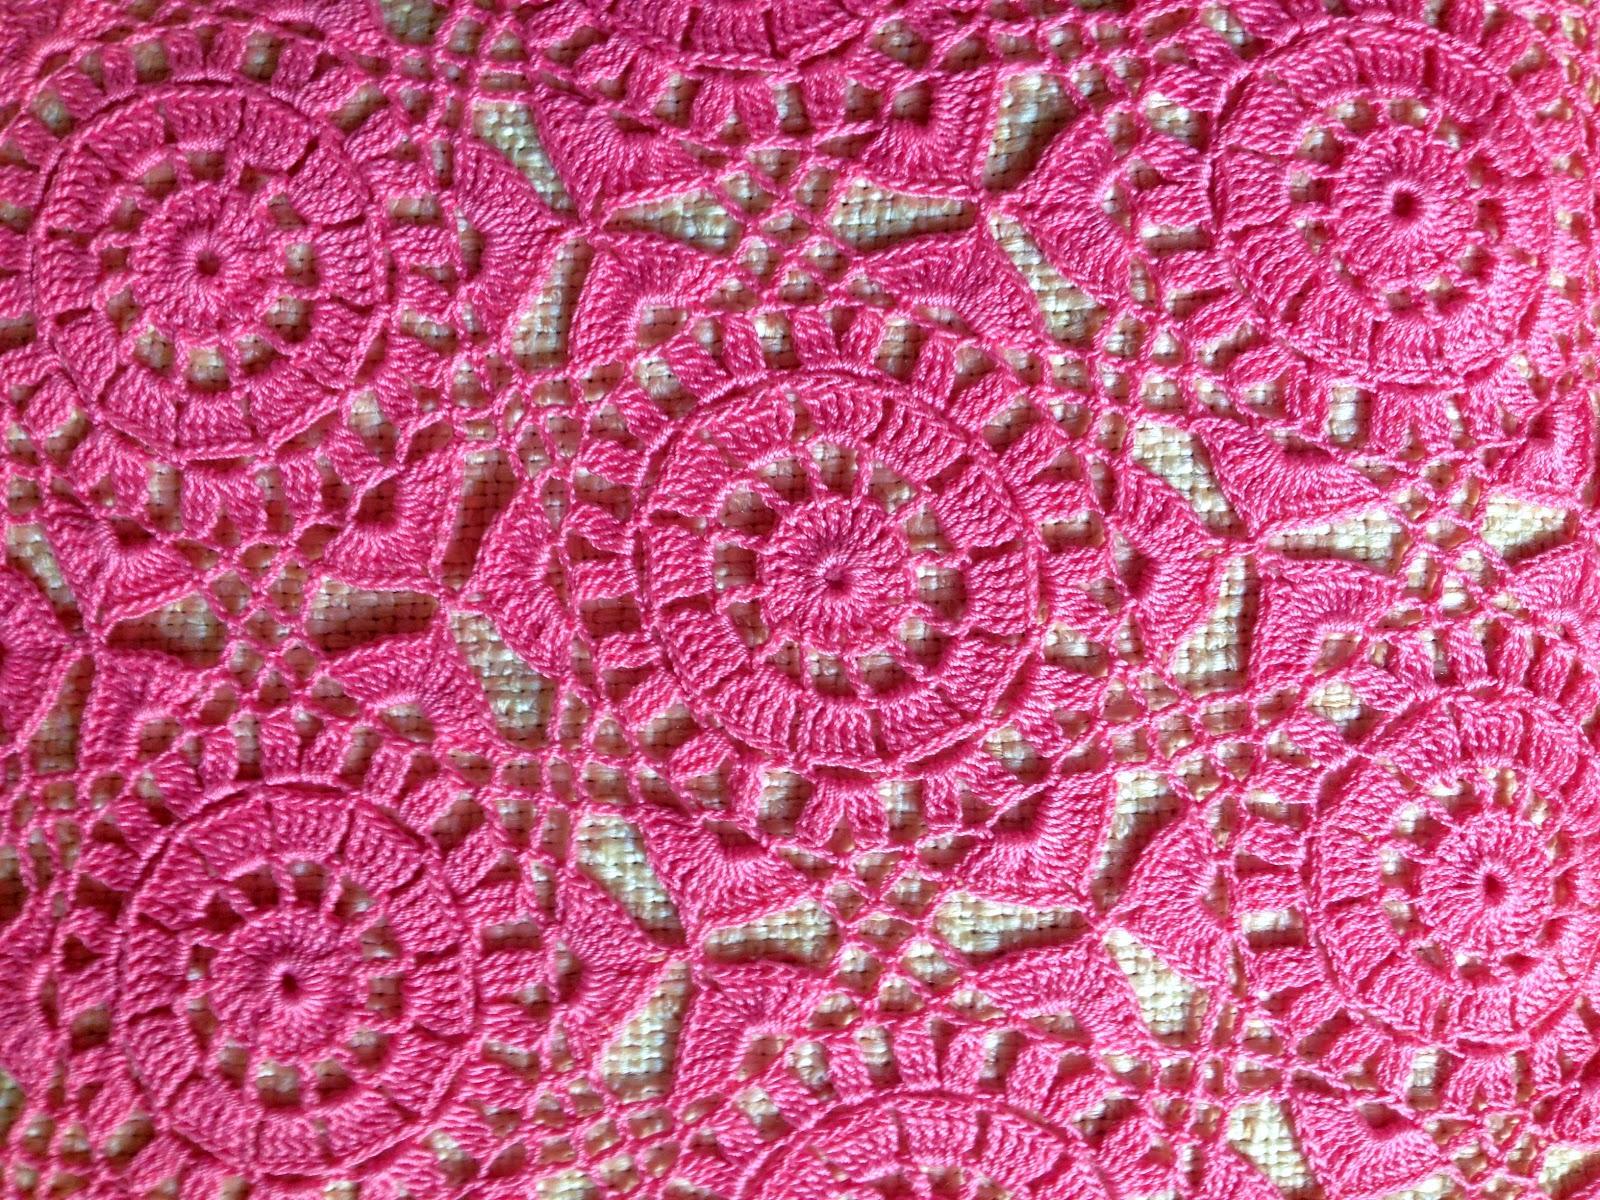 Сама не знаю, что меня толкнуло на покупку розовой пряжи из хлопка. Ниточки так красиво лежали на прилавке, отливая сиреневым цветом, что рука сама потянулась к моточкам... А потом, так же случайно, наткнулась на красивую кофточку в интернете и первый образец цветочка, связался сам собой